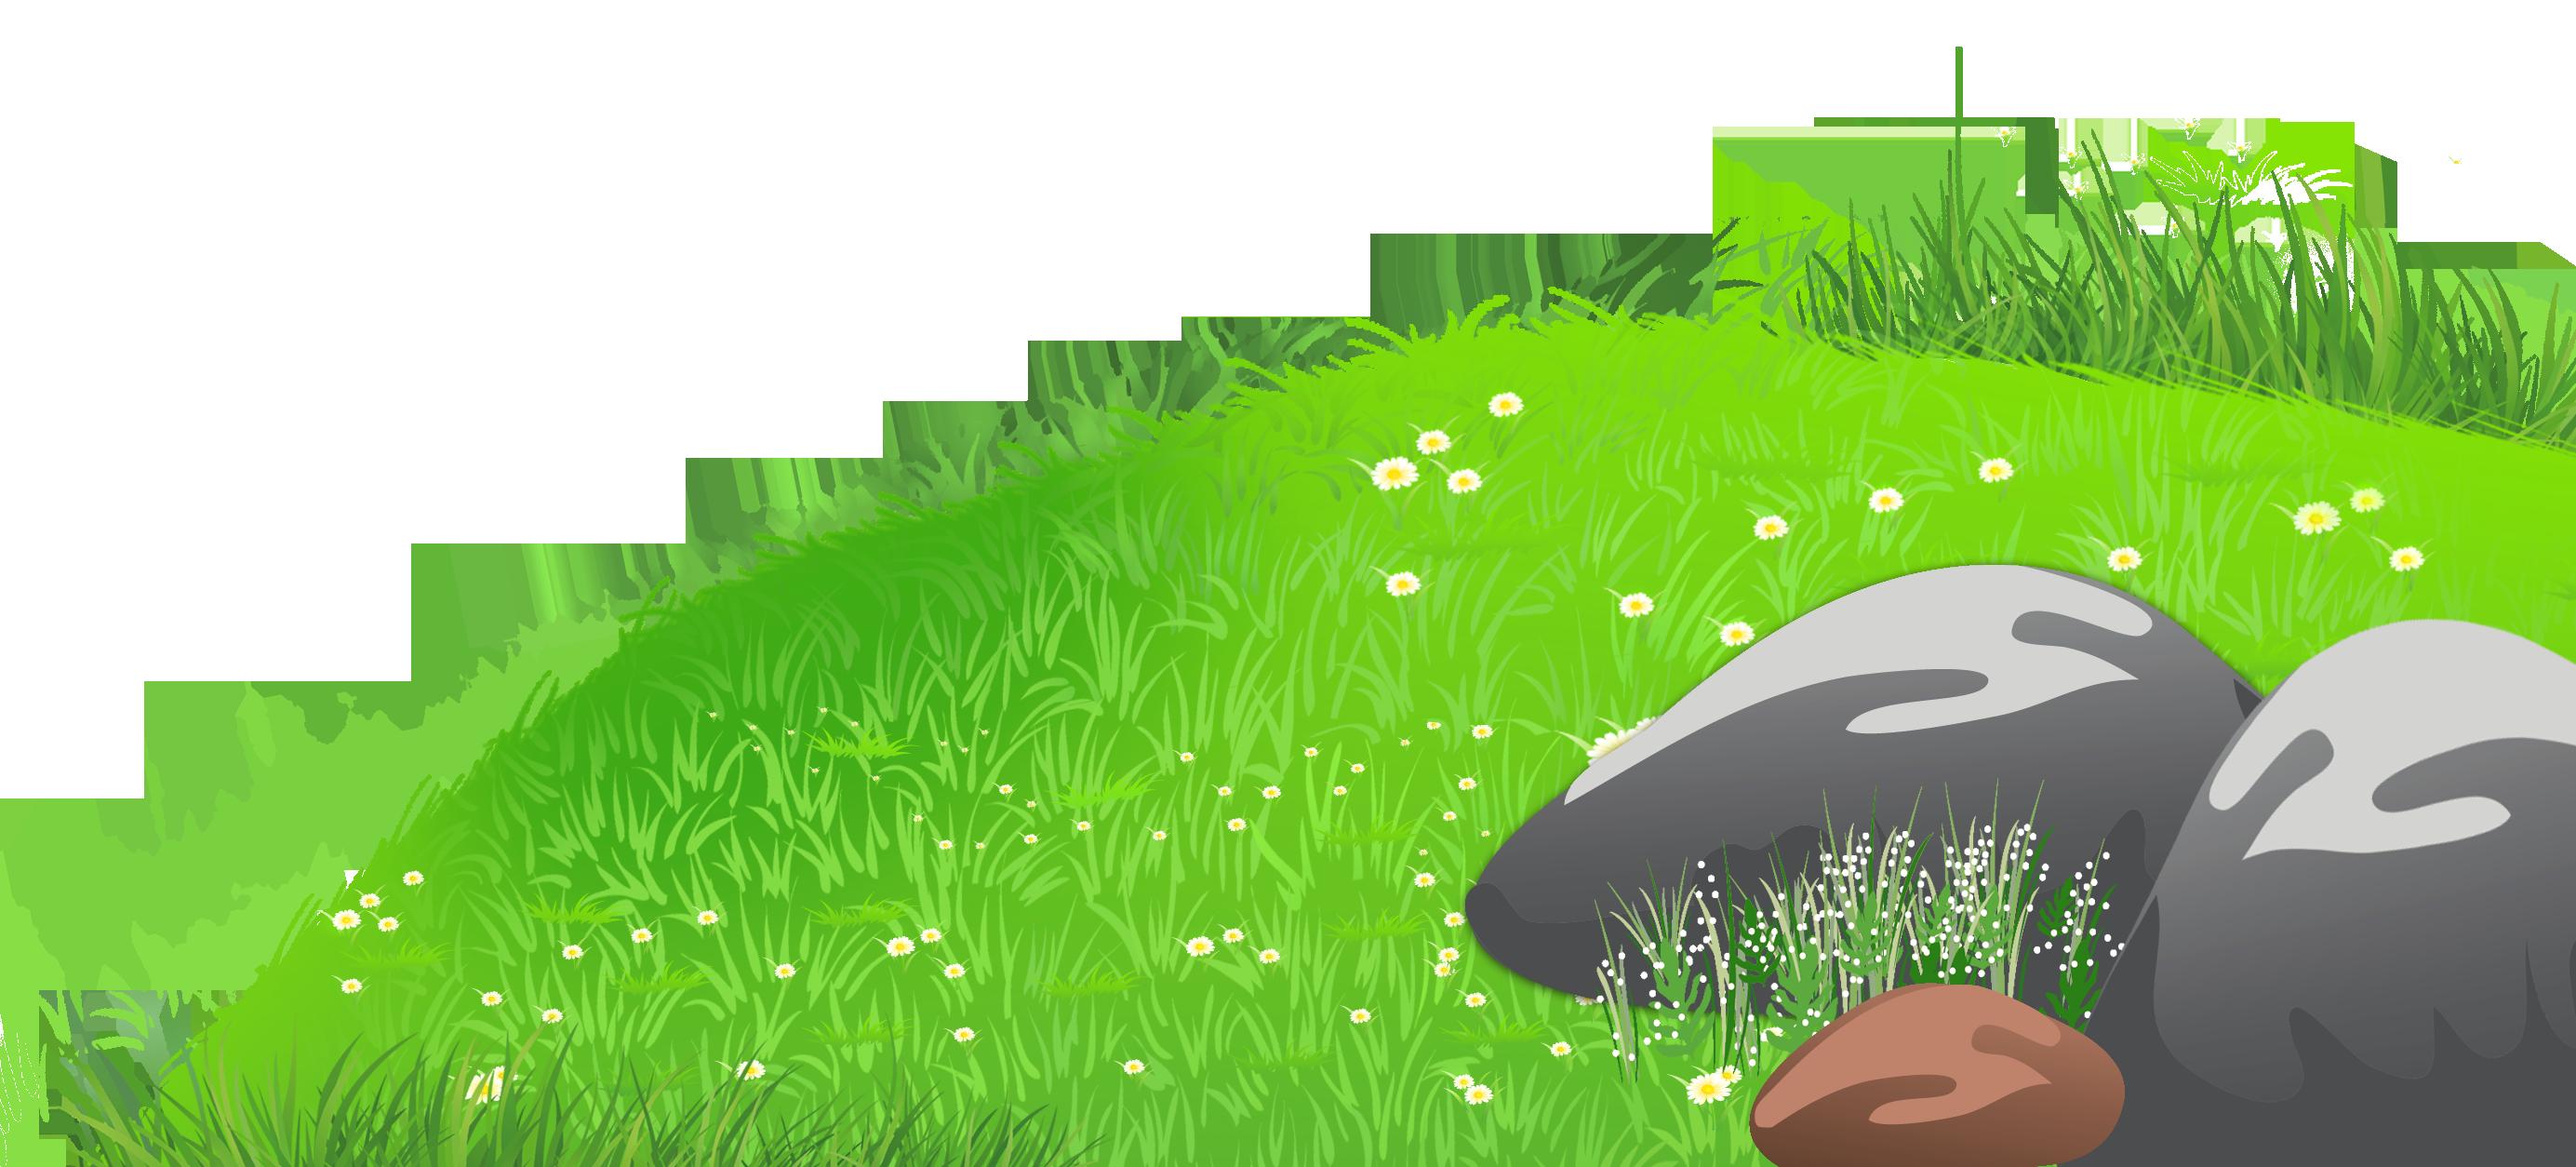 Grass Hill Clipart.